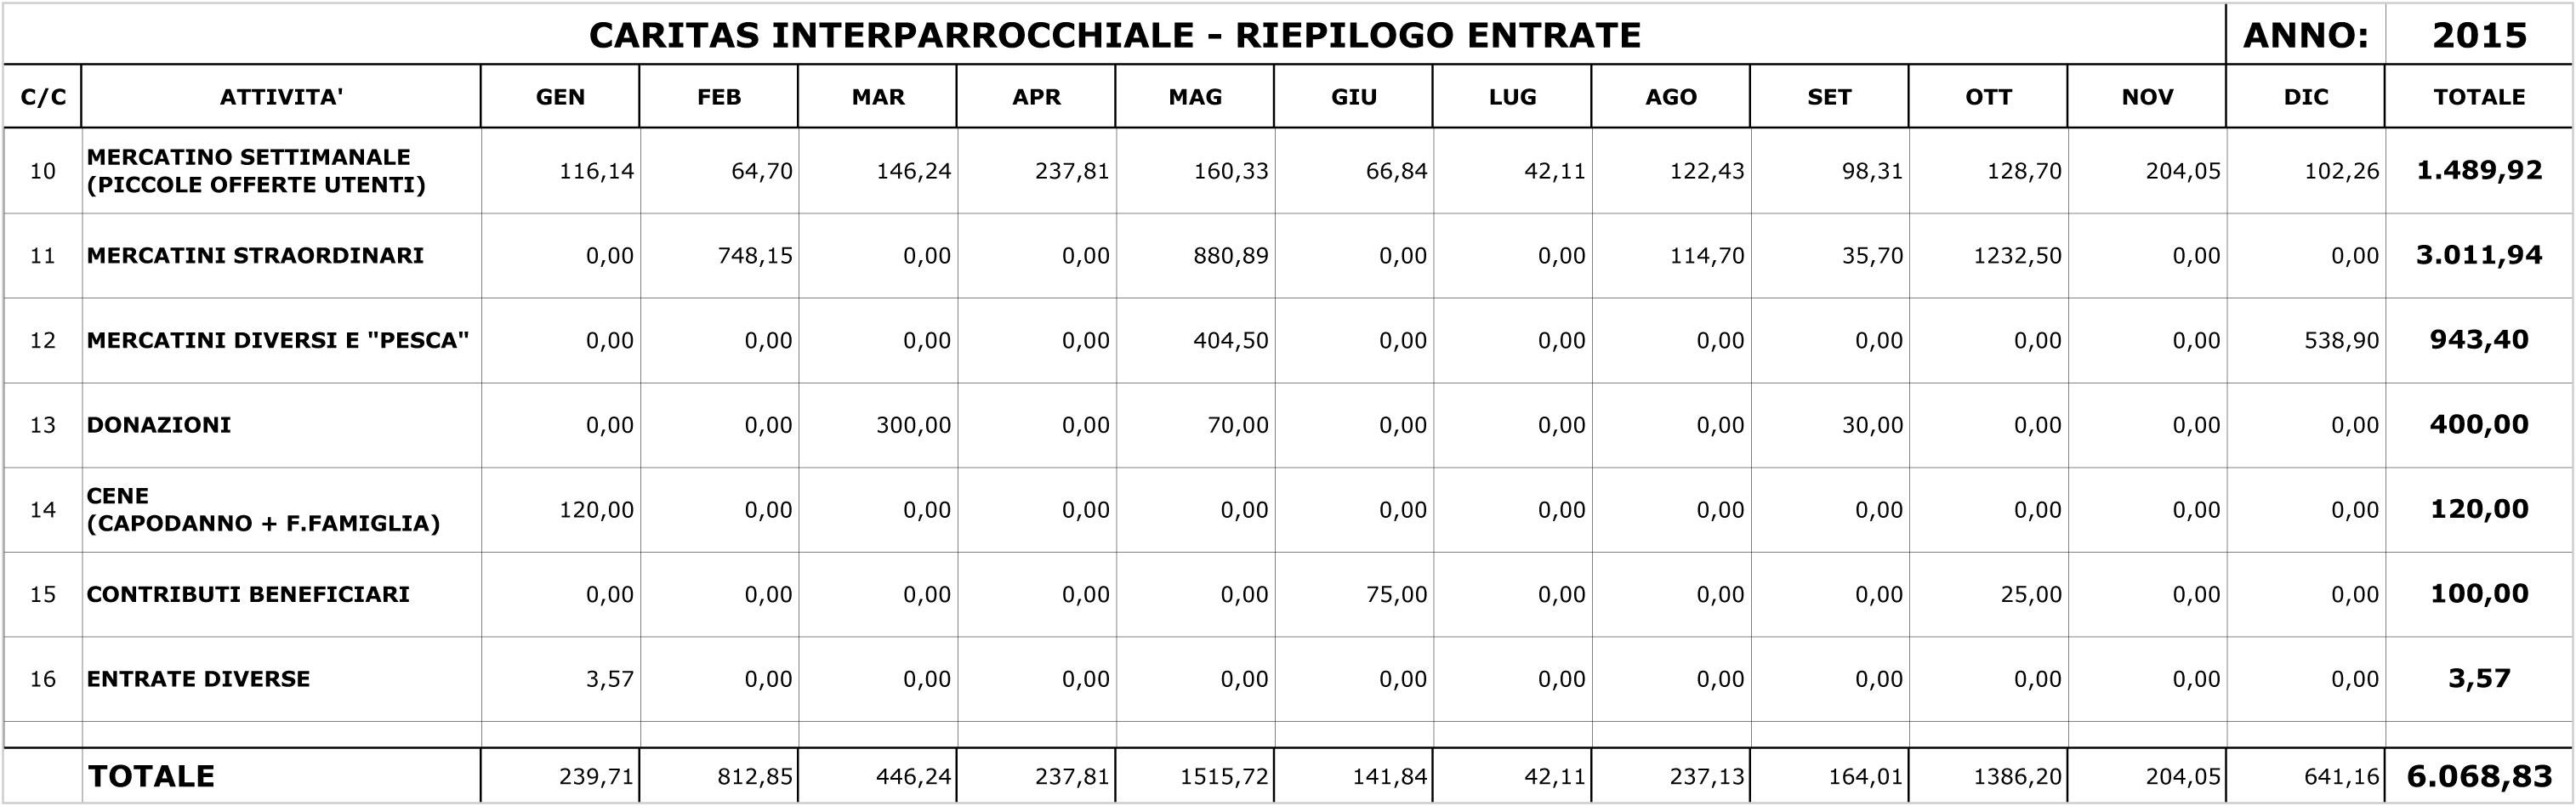 Stampa-bilancio-per-sito-2